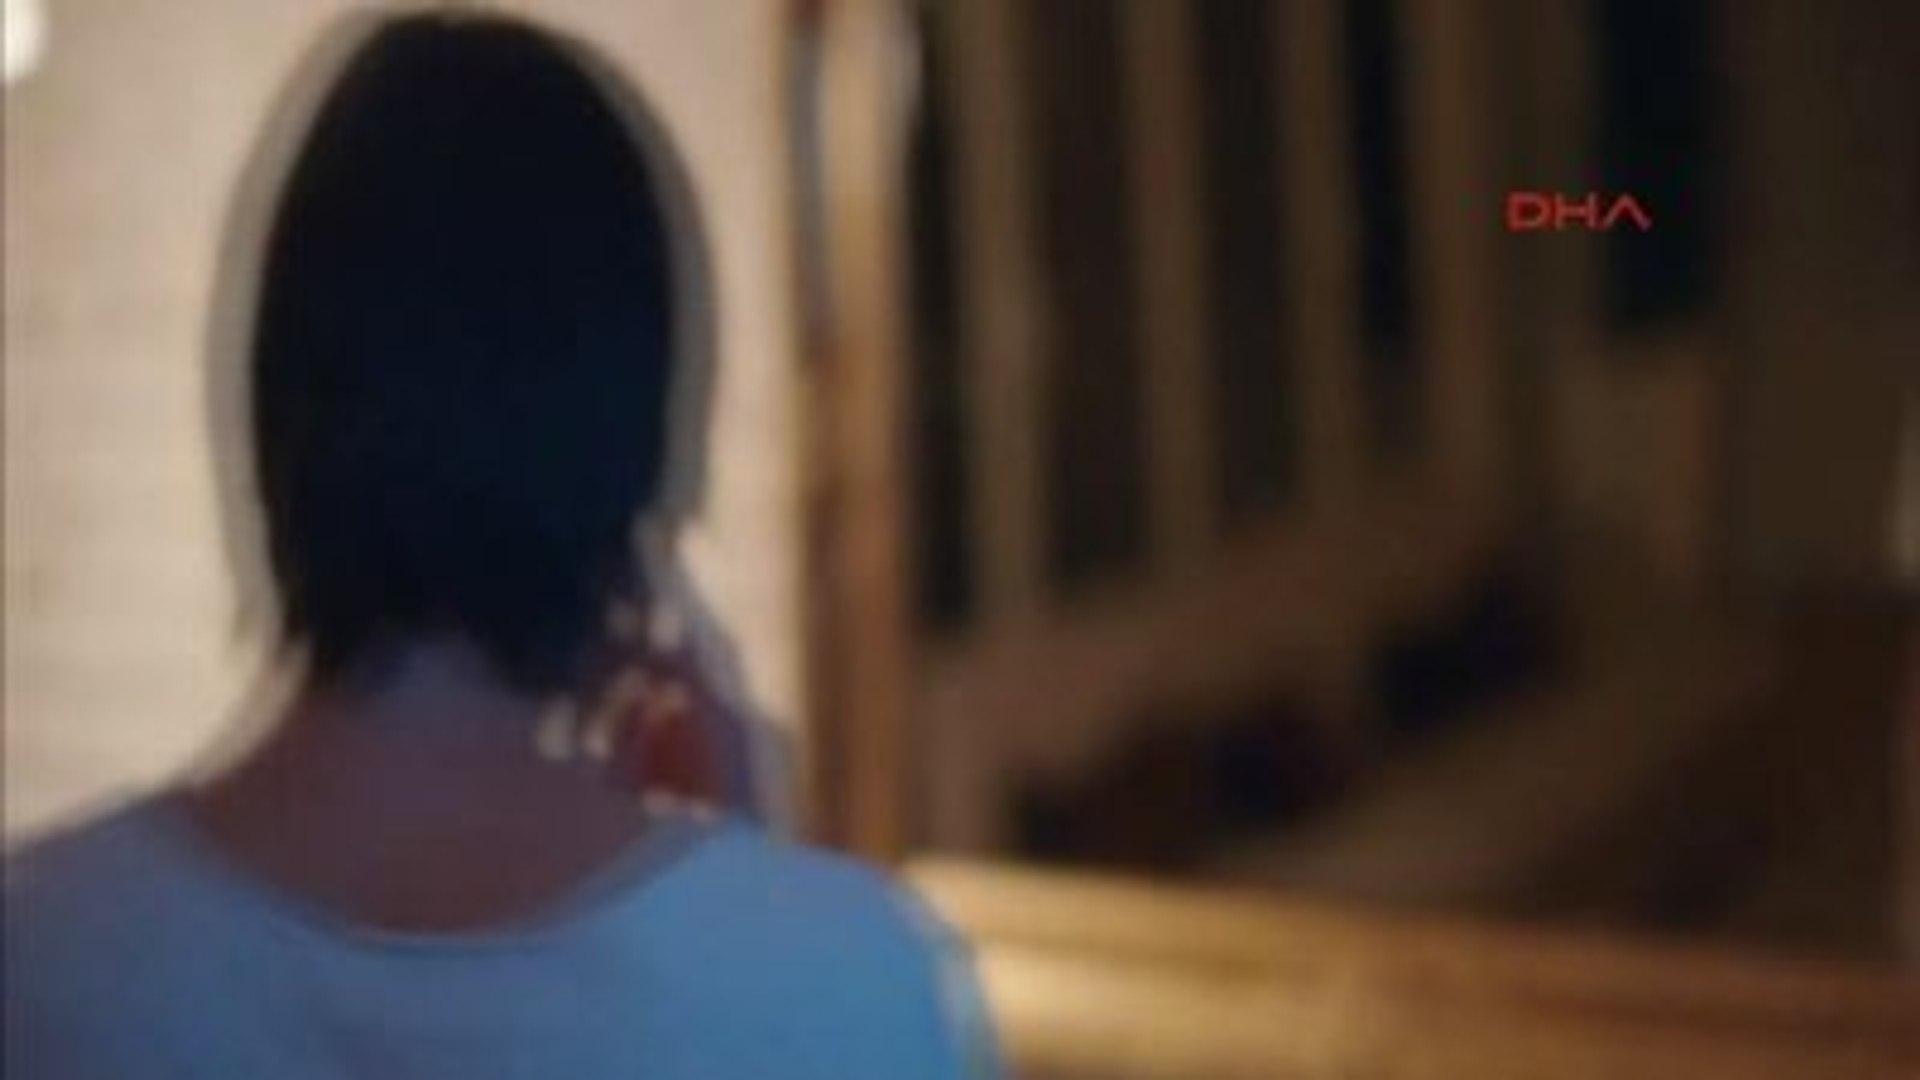 Ünlüler 'Oyuna Sahip Çık' Çağrısı ile Kamera Karşısına Geçti